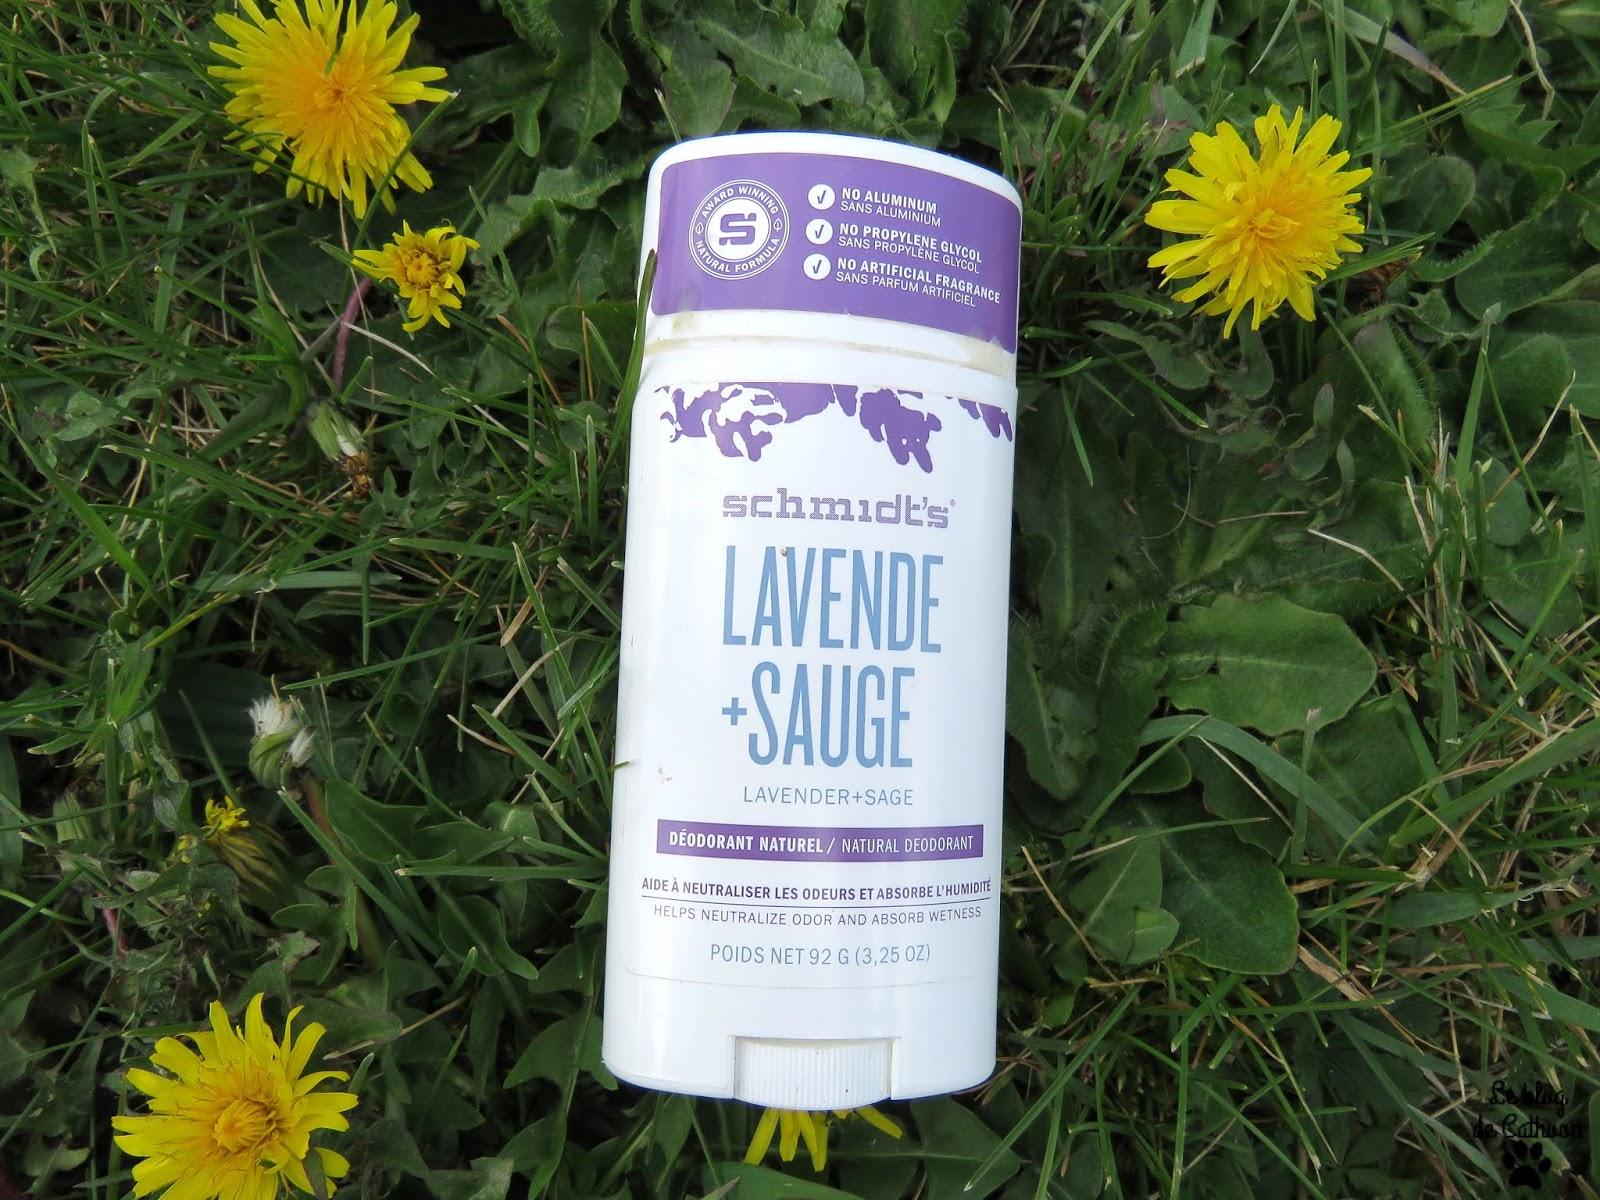 Lavende + Sauge Déodorant Schmidt's